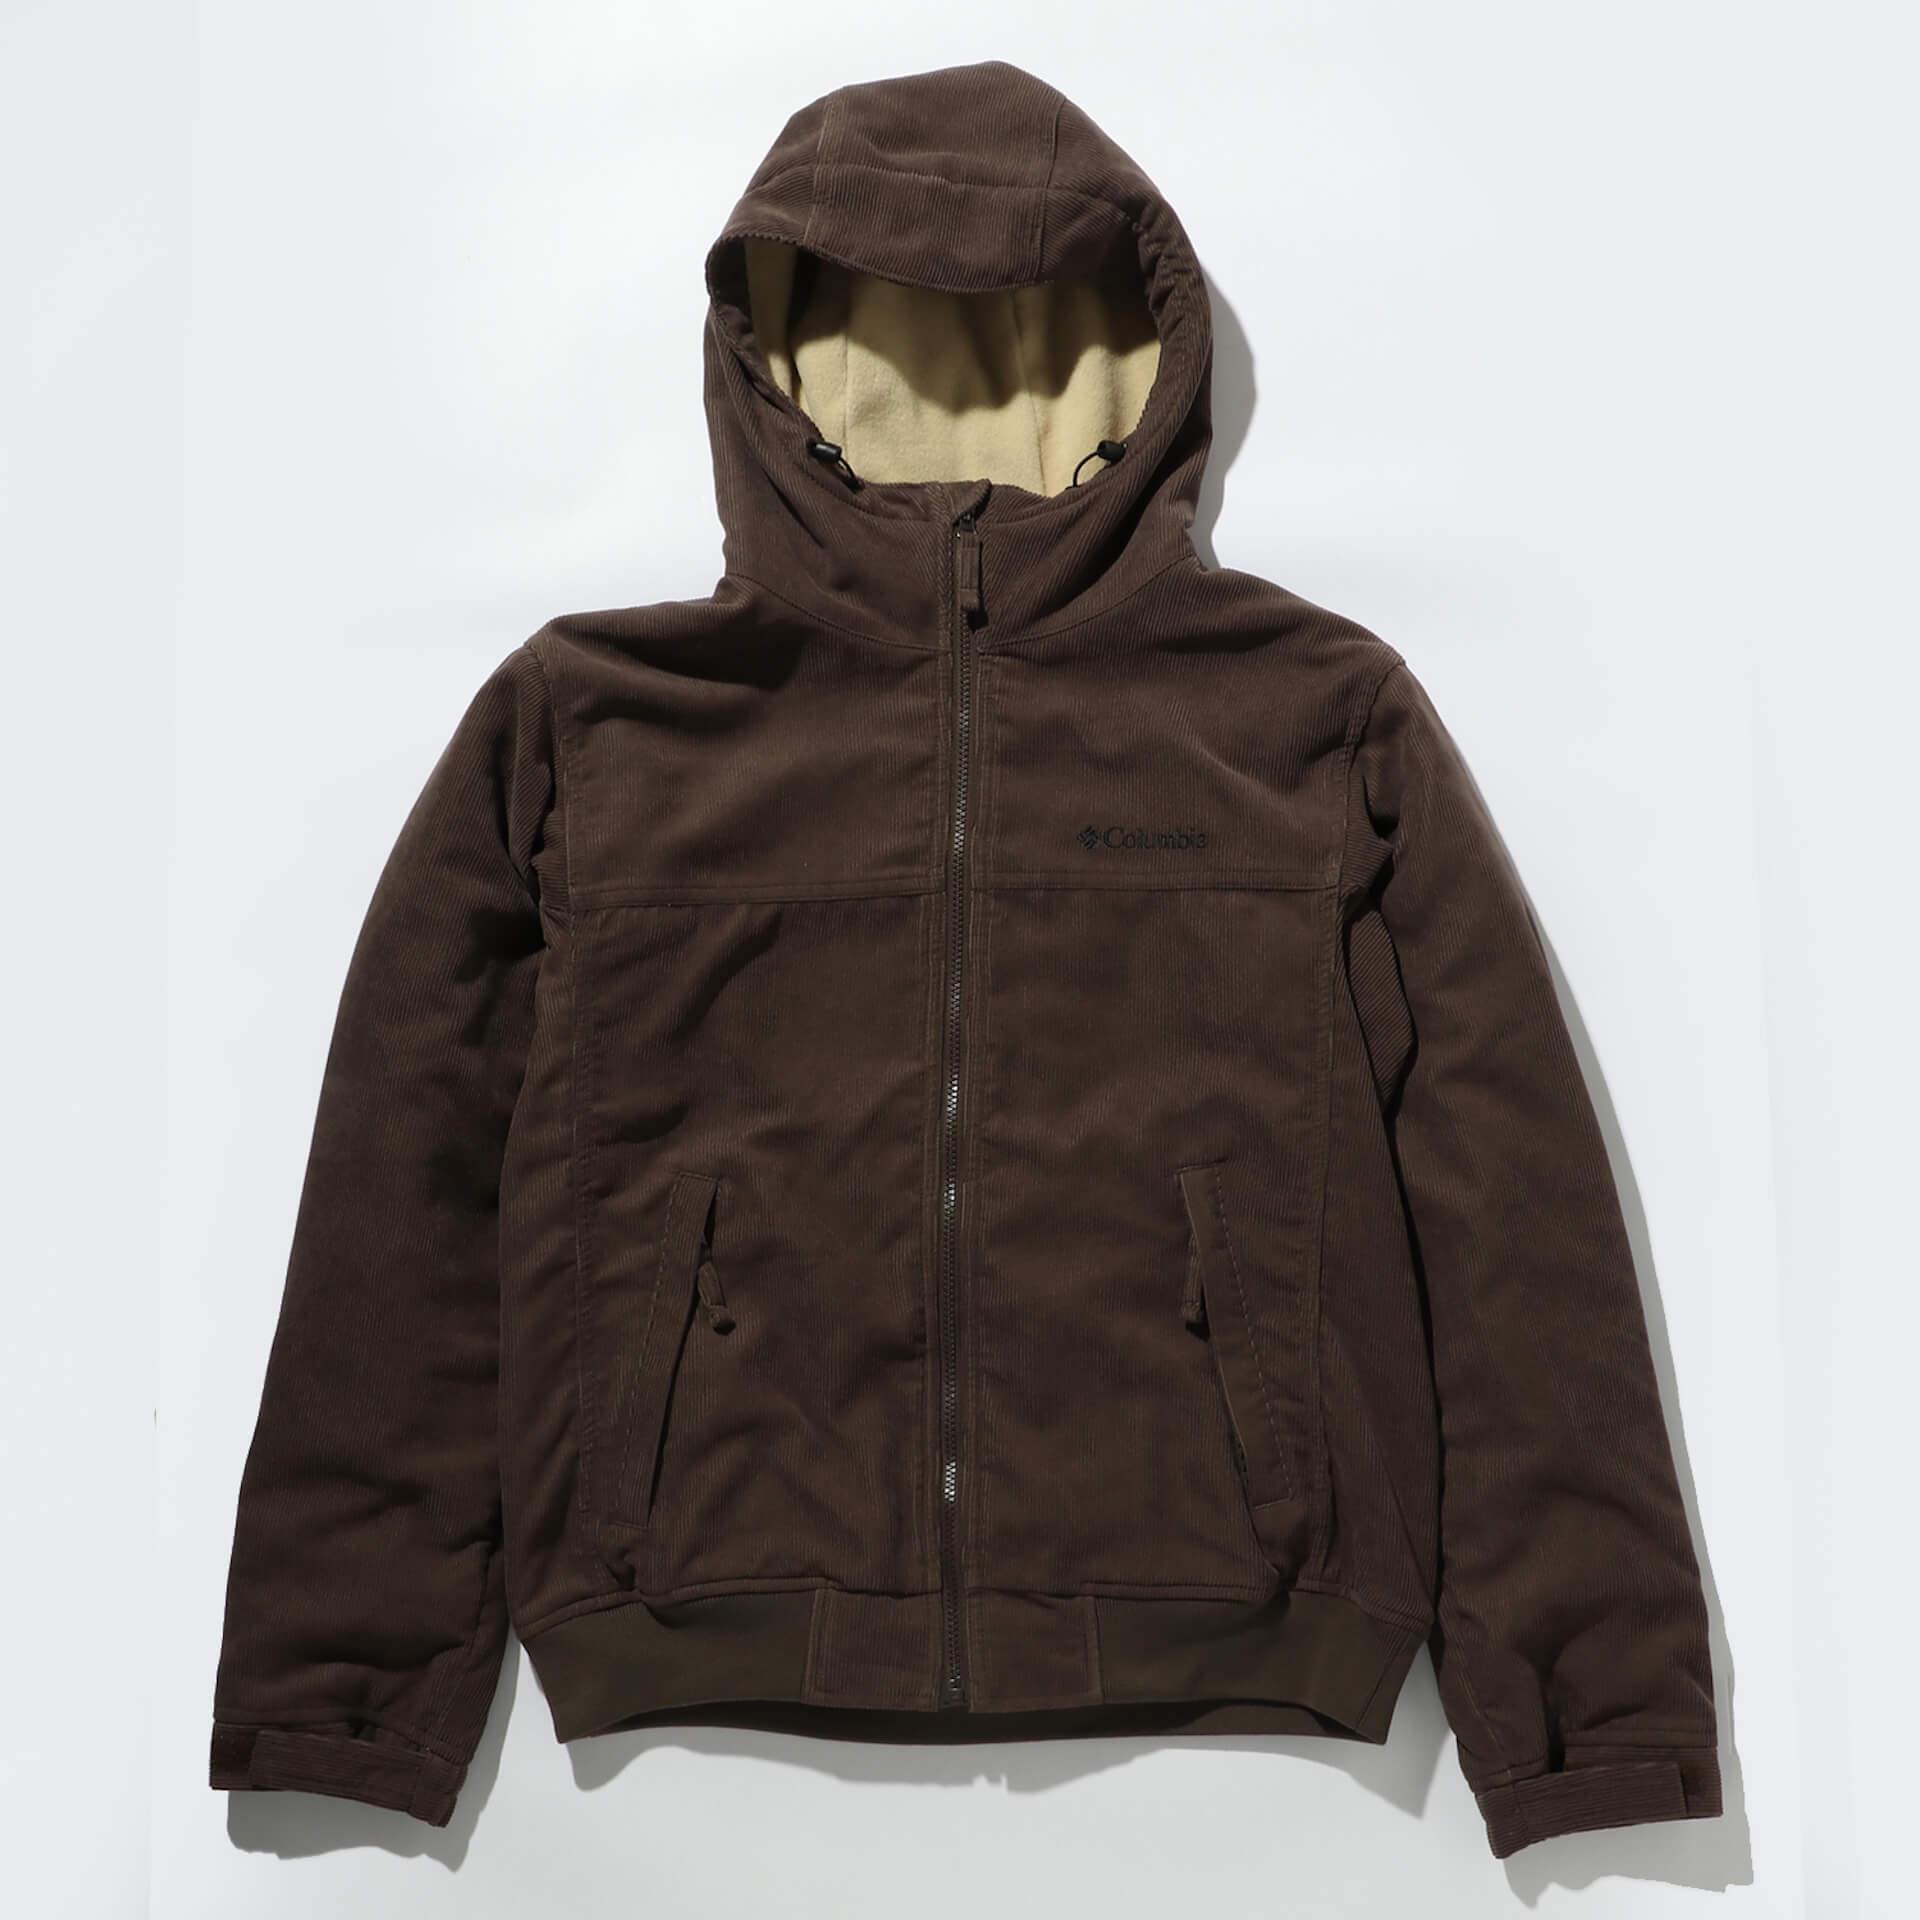 ムラサキスポーツからコロンビアとのコラボアイテム『LOMA VISTA MK CORDUROY JACKET』が発売決定!懐かしくも今らしい3色展開に fashion2020109_columbia_8